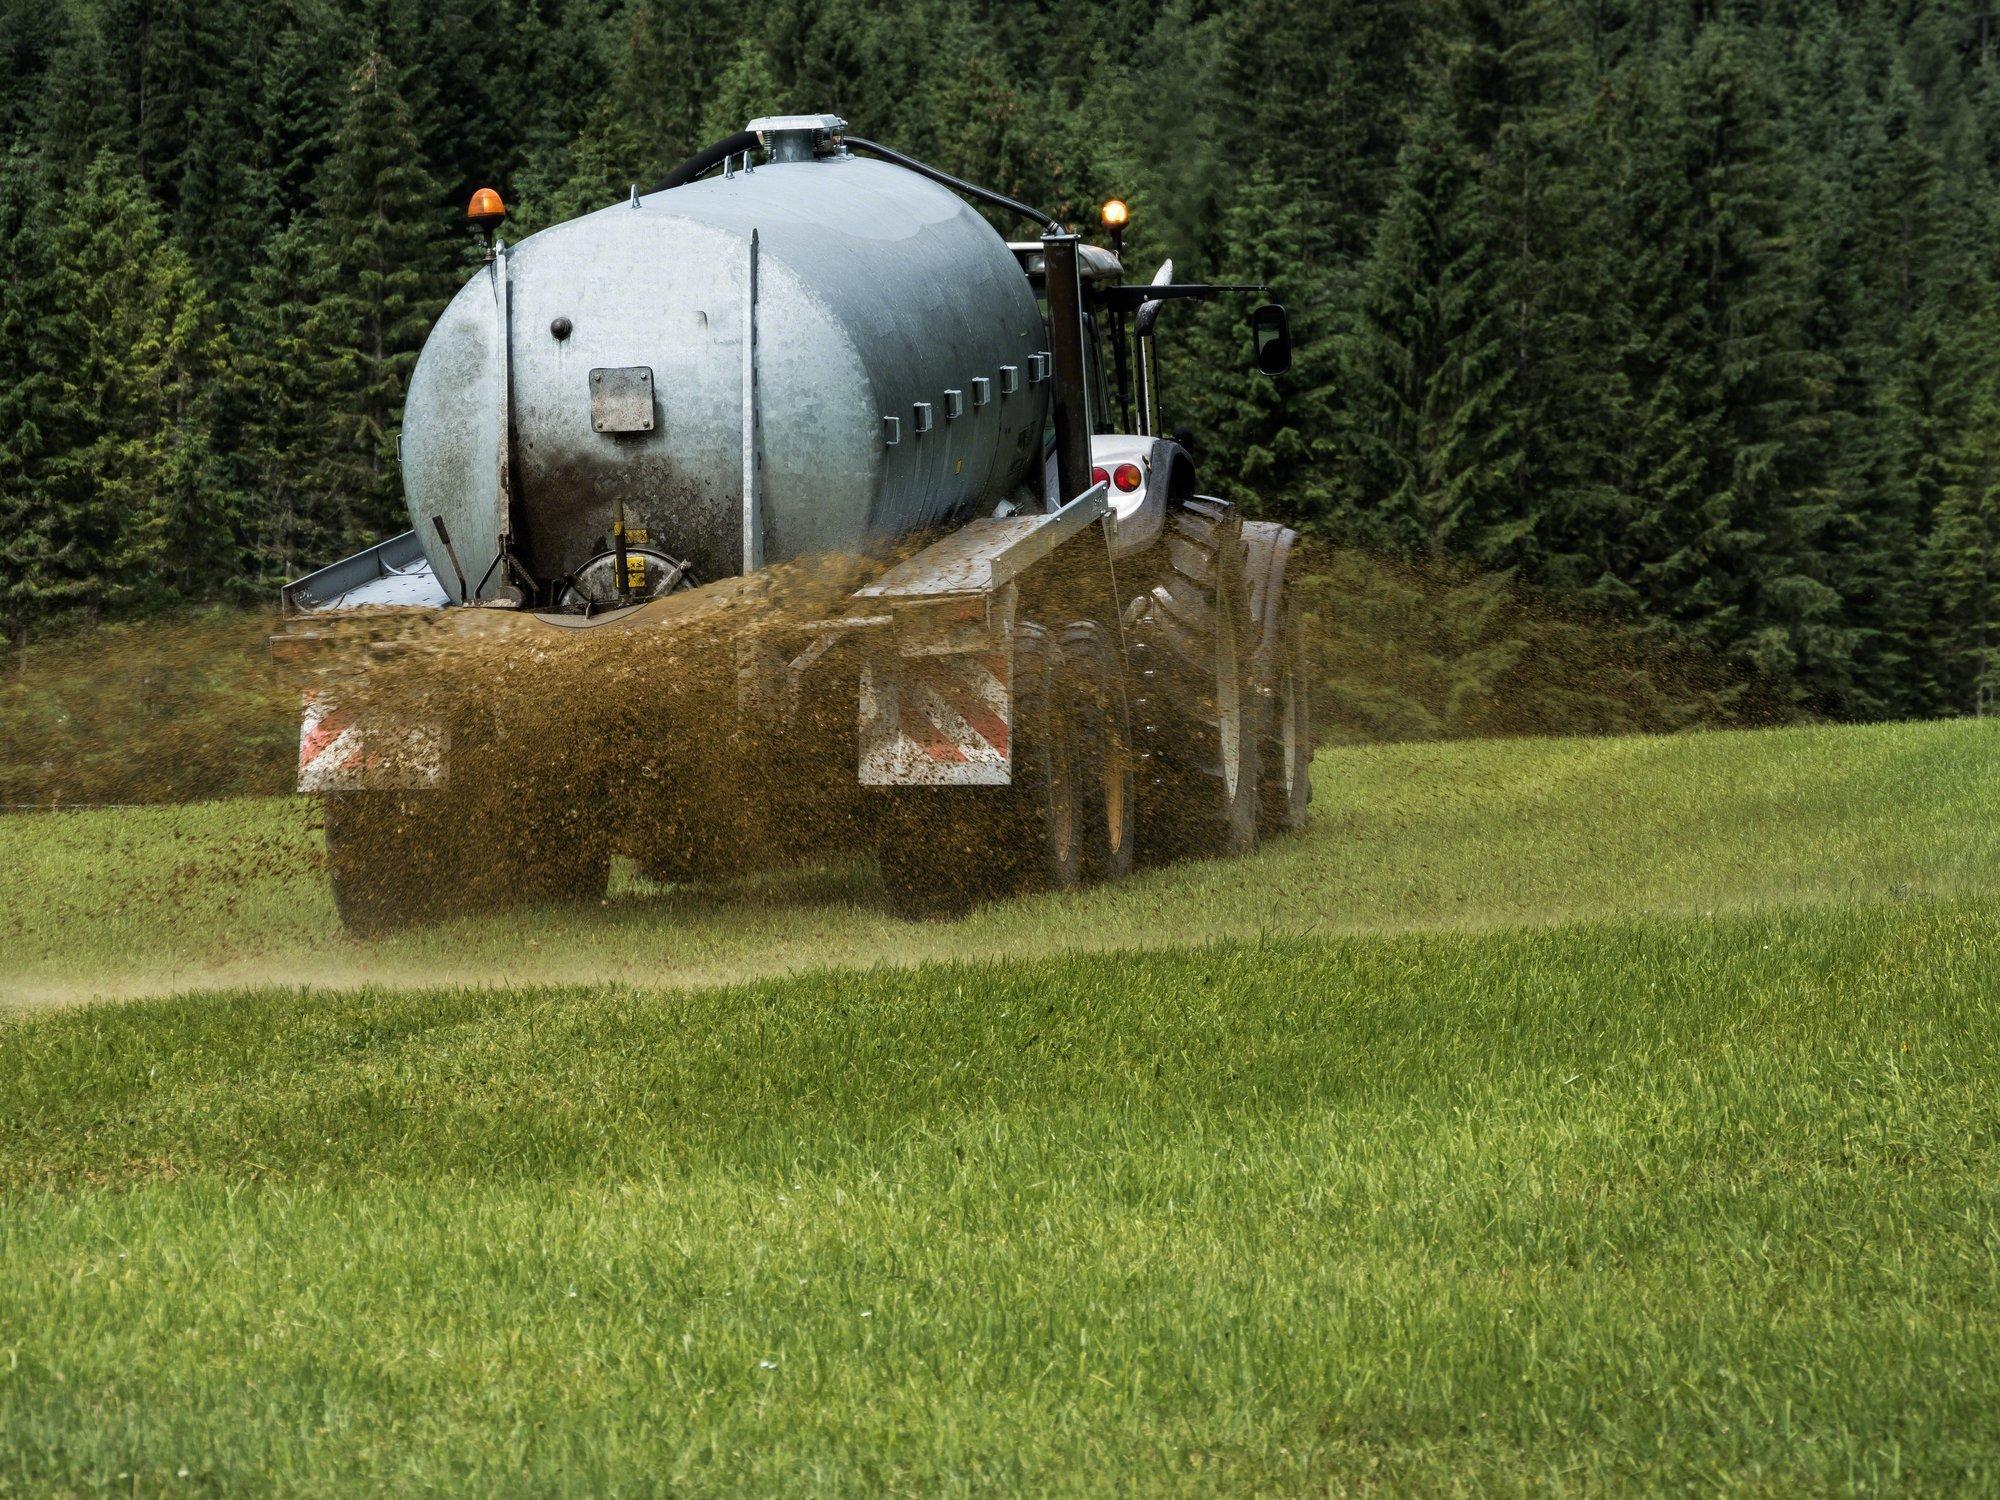 Ein Trecker der gerade Gülle über einem Feld versprüht.